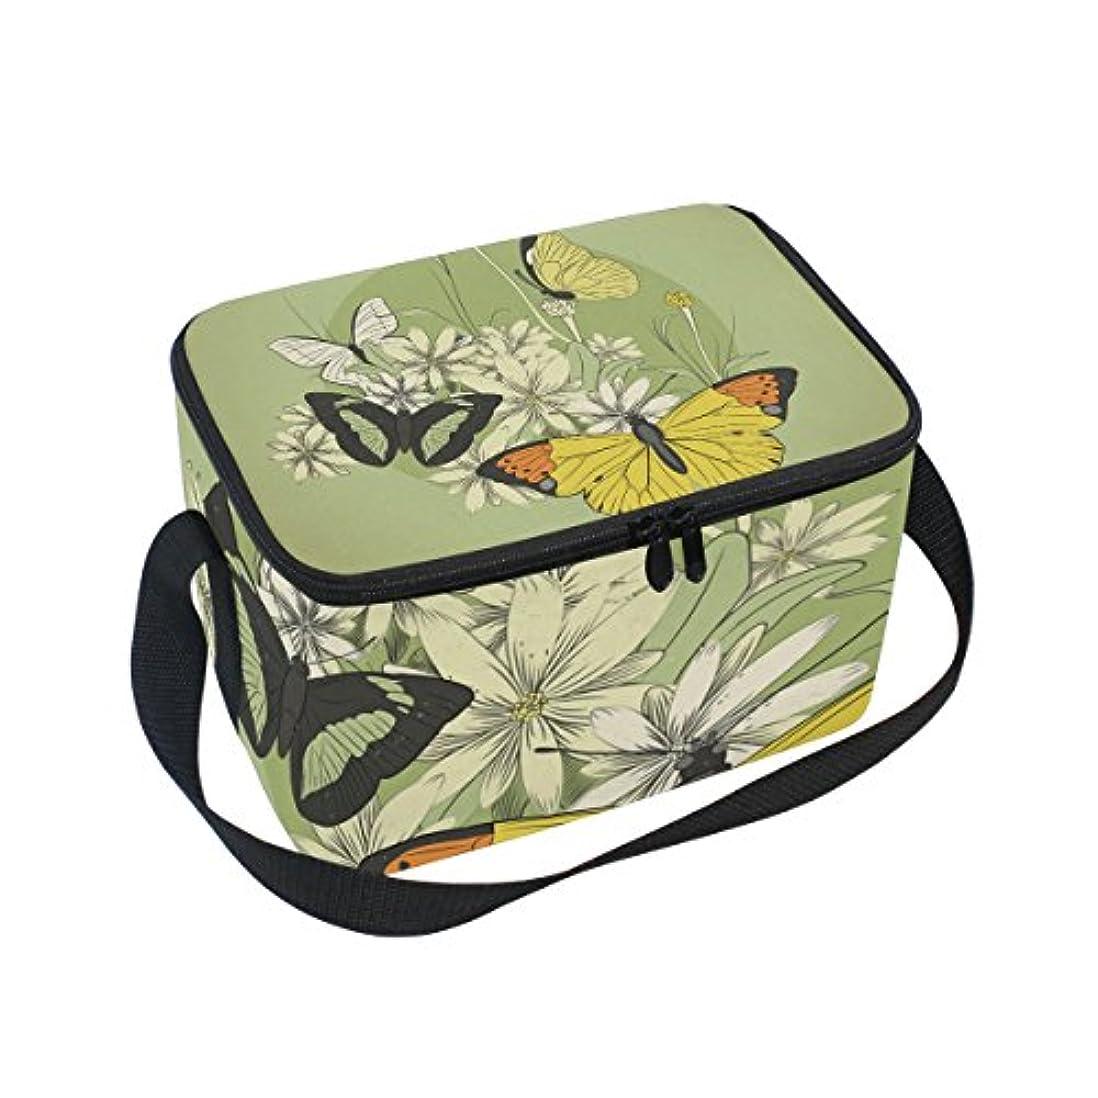 コンチネンタルデータ理論的クーラーバッグ クーラーボックス ソフトクーラ 冷蔵ボックス キャンプ用品  金色の蝶柄 保冷保温 大容量 肩掛け お花見 アウトドア